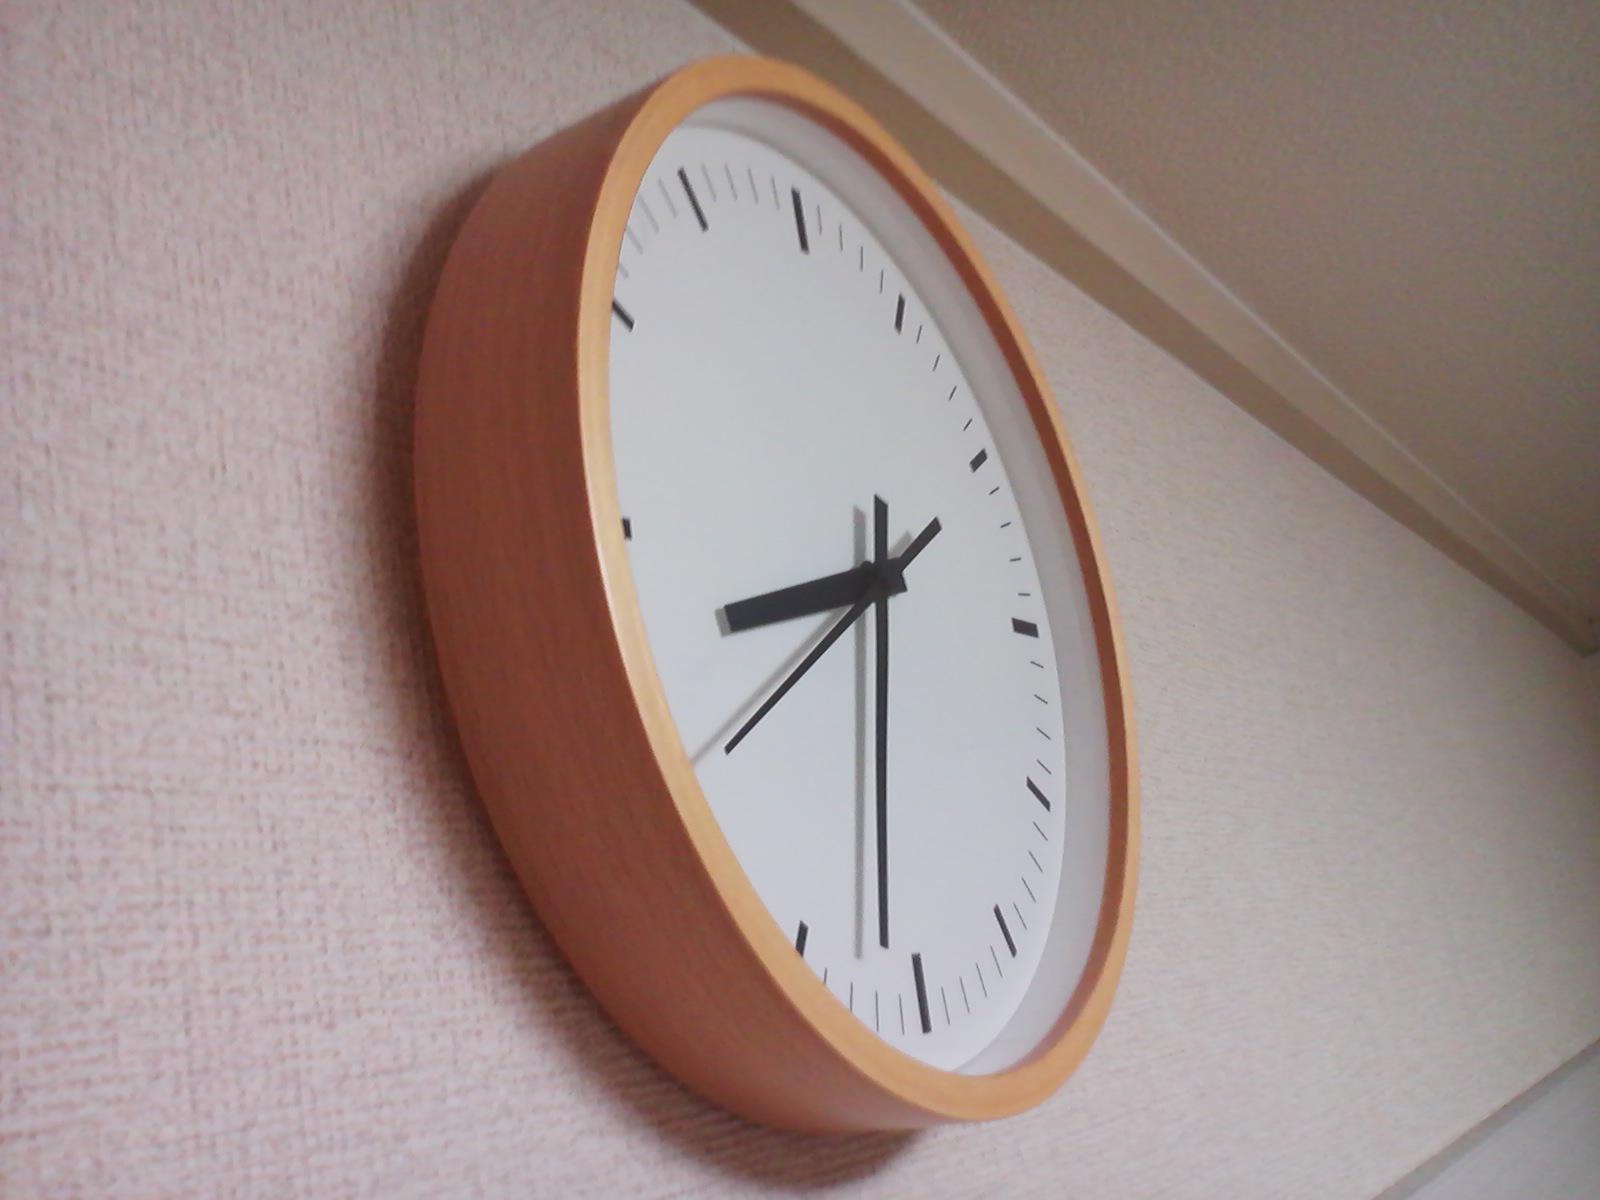 無印の掛け時計と次にねらっているもの